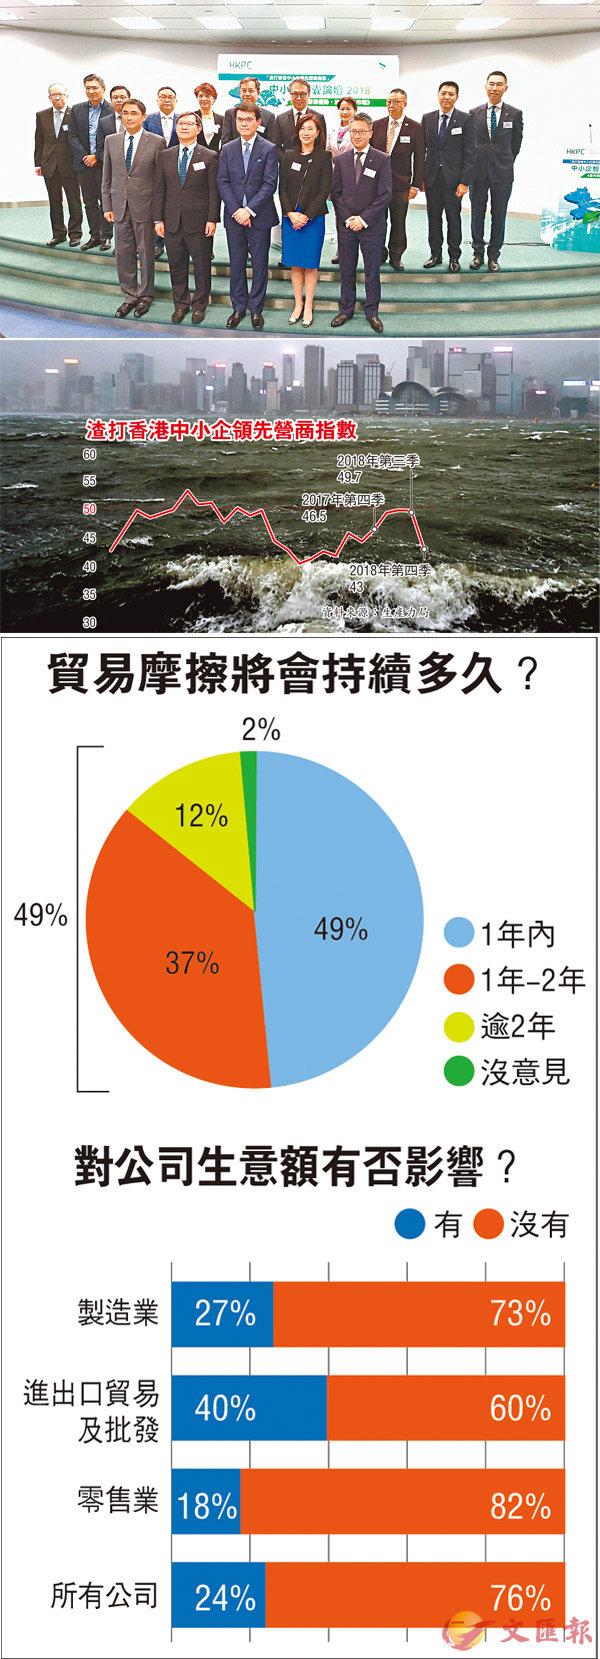 ■邱騰華(前排左三)表示,中美貿易戰帶來的影響,除了香港受到衝擊之外,外圍經濟體系同樣受到拖累。香港文匯報訊者曾慶威  攝